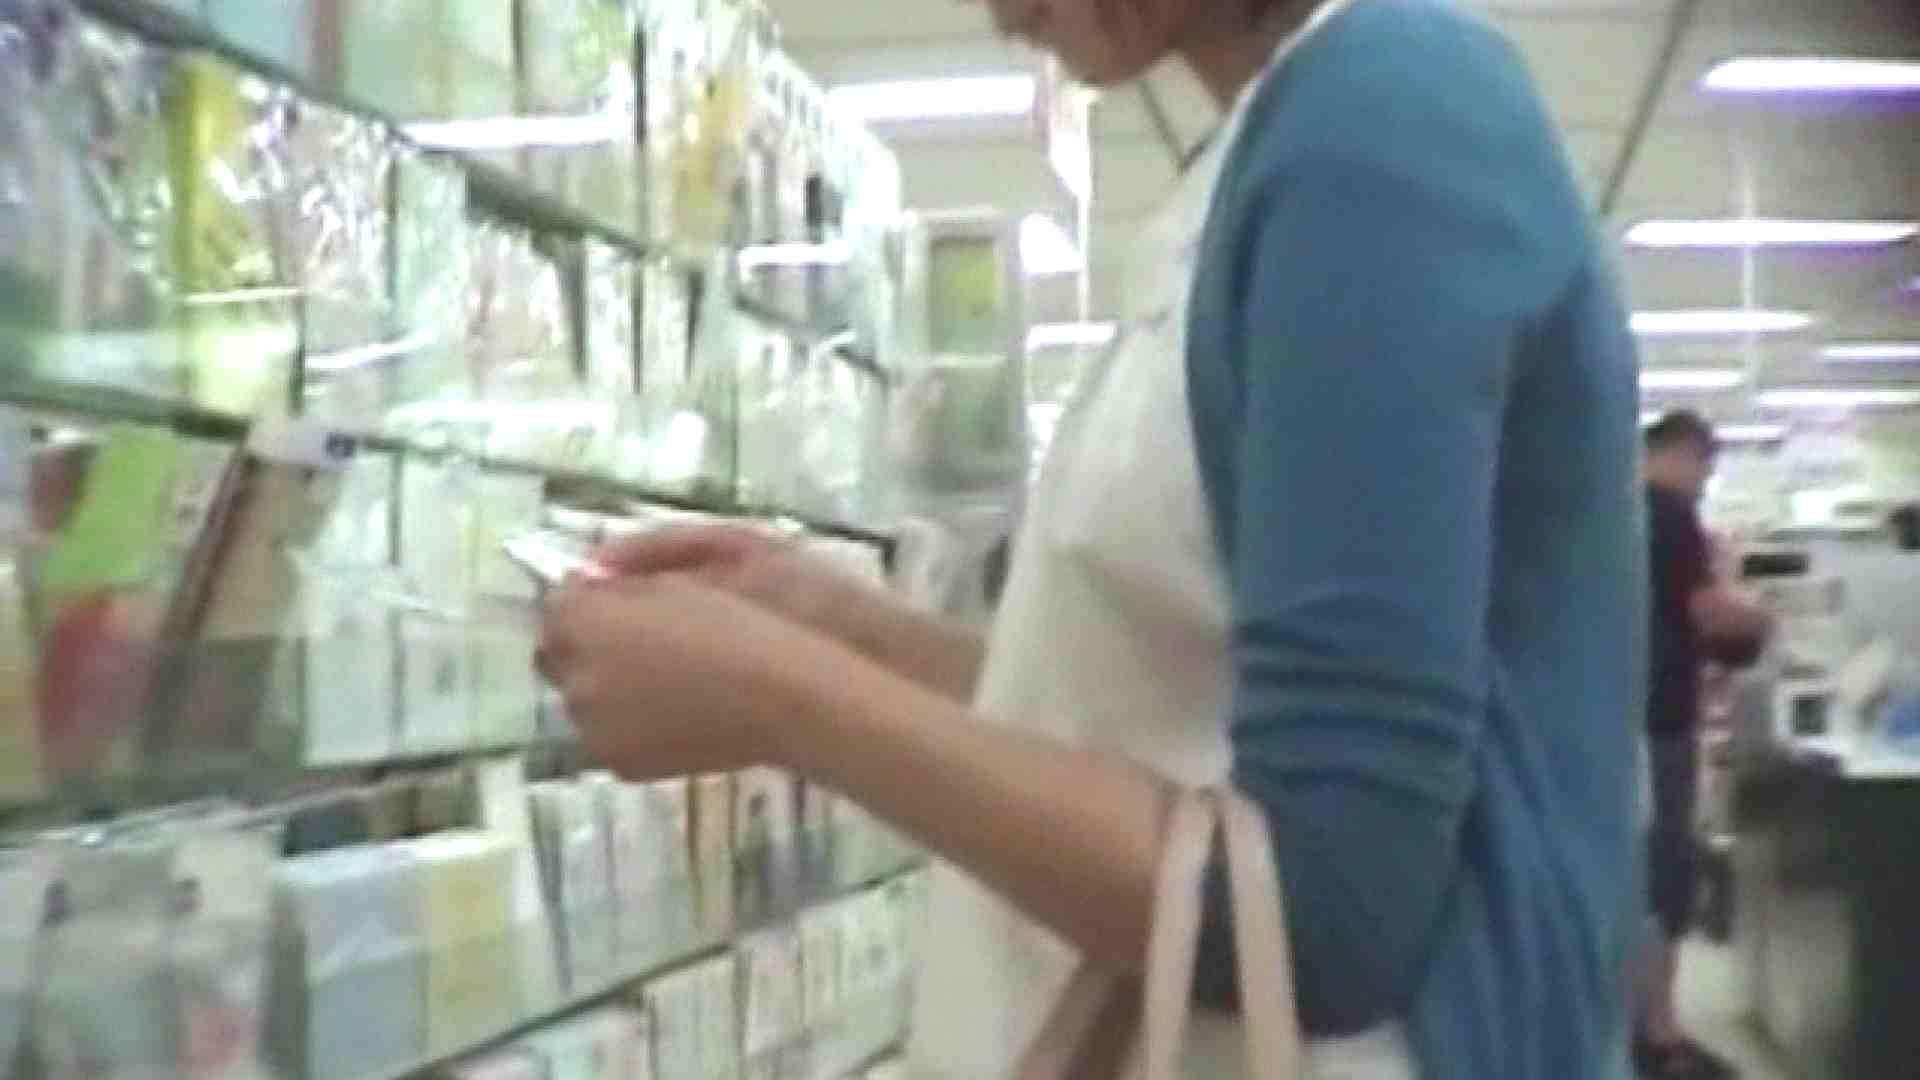 真剣に買い物中のgal達を上から下から狙います。vol.06 JK | 一般投稿  102pic